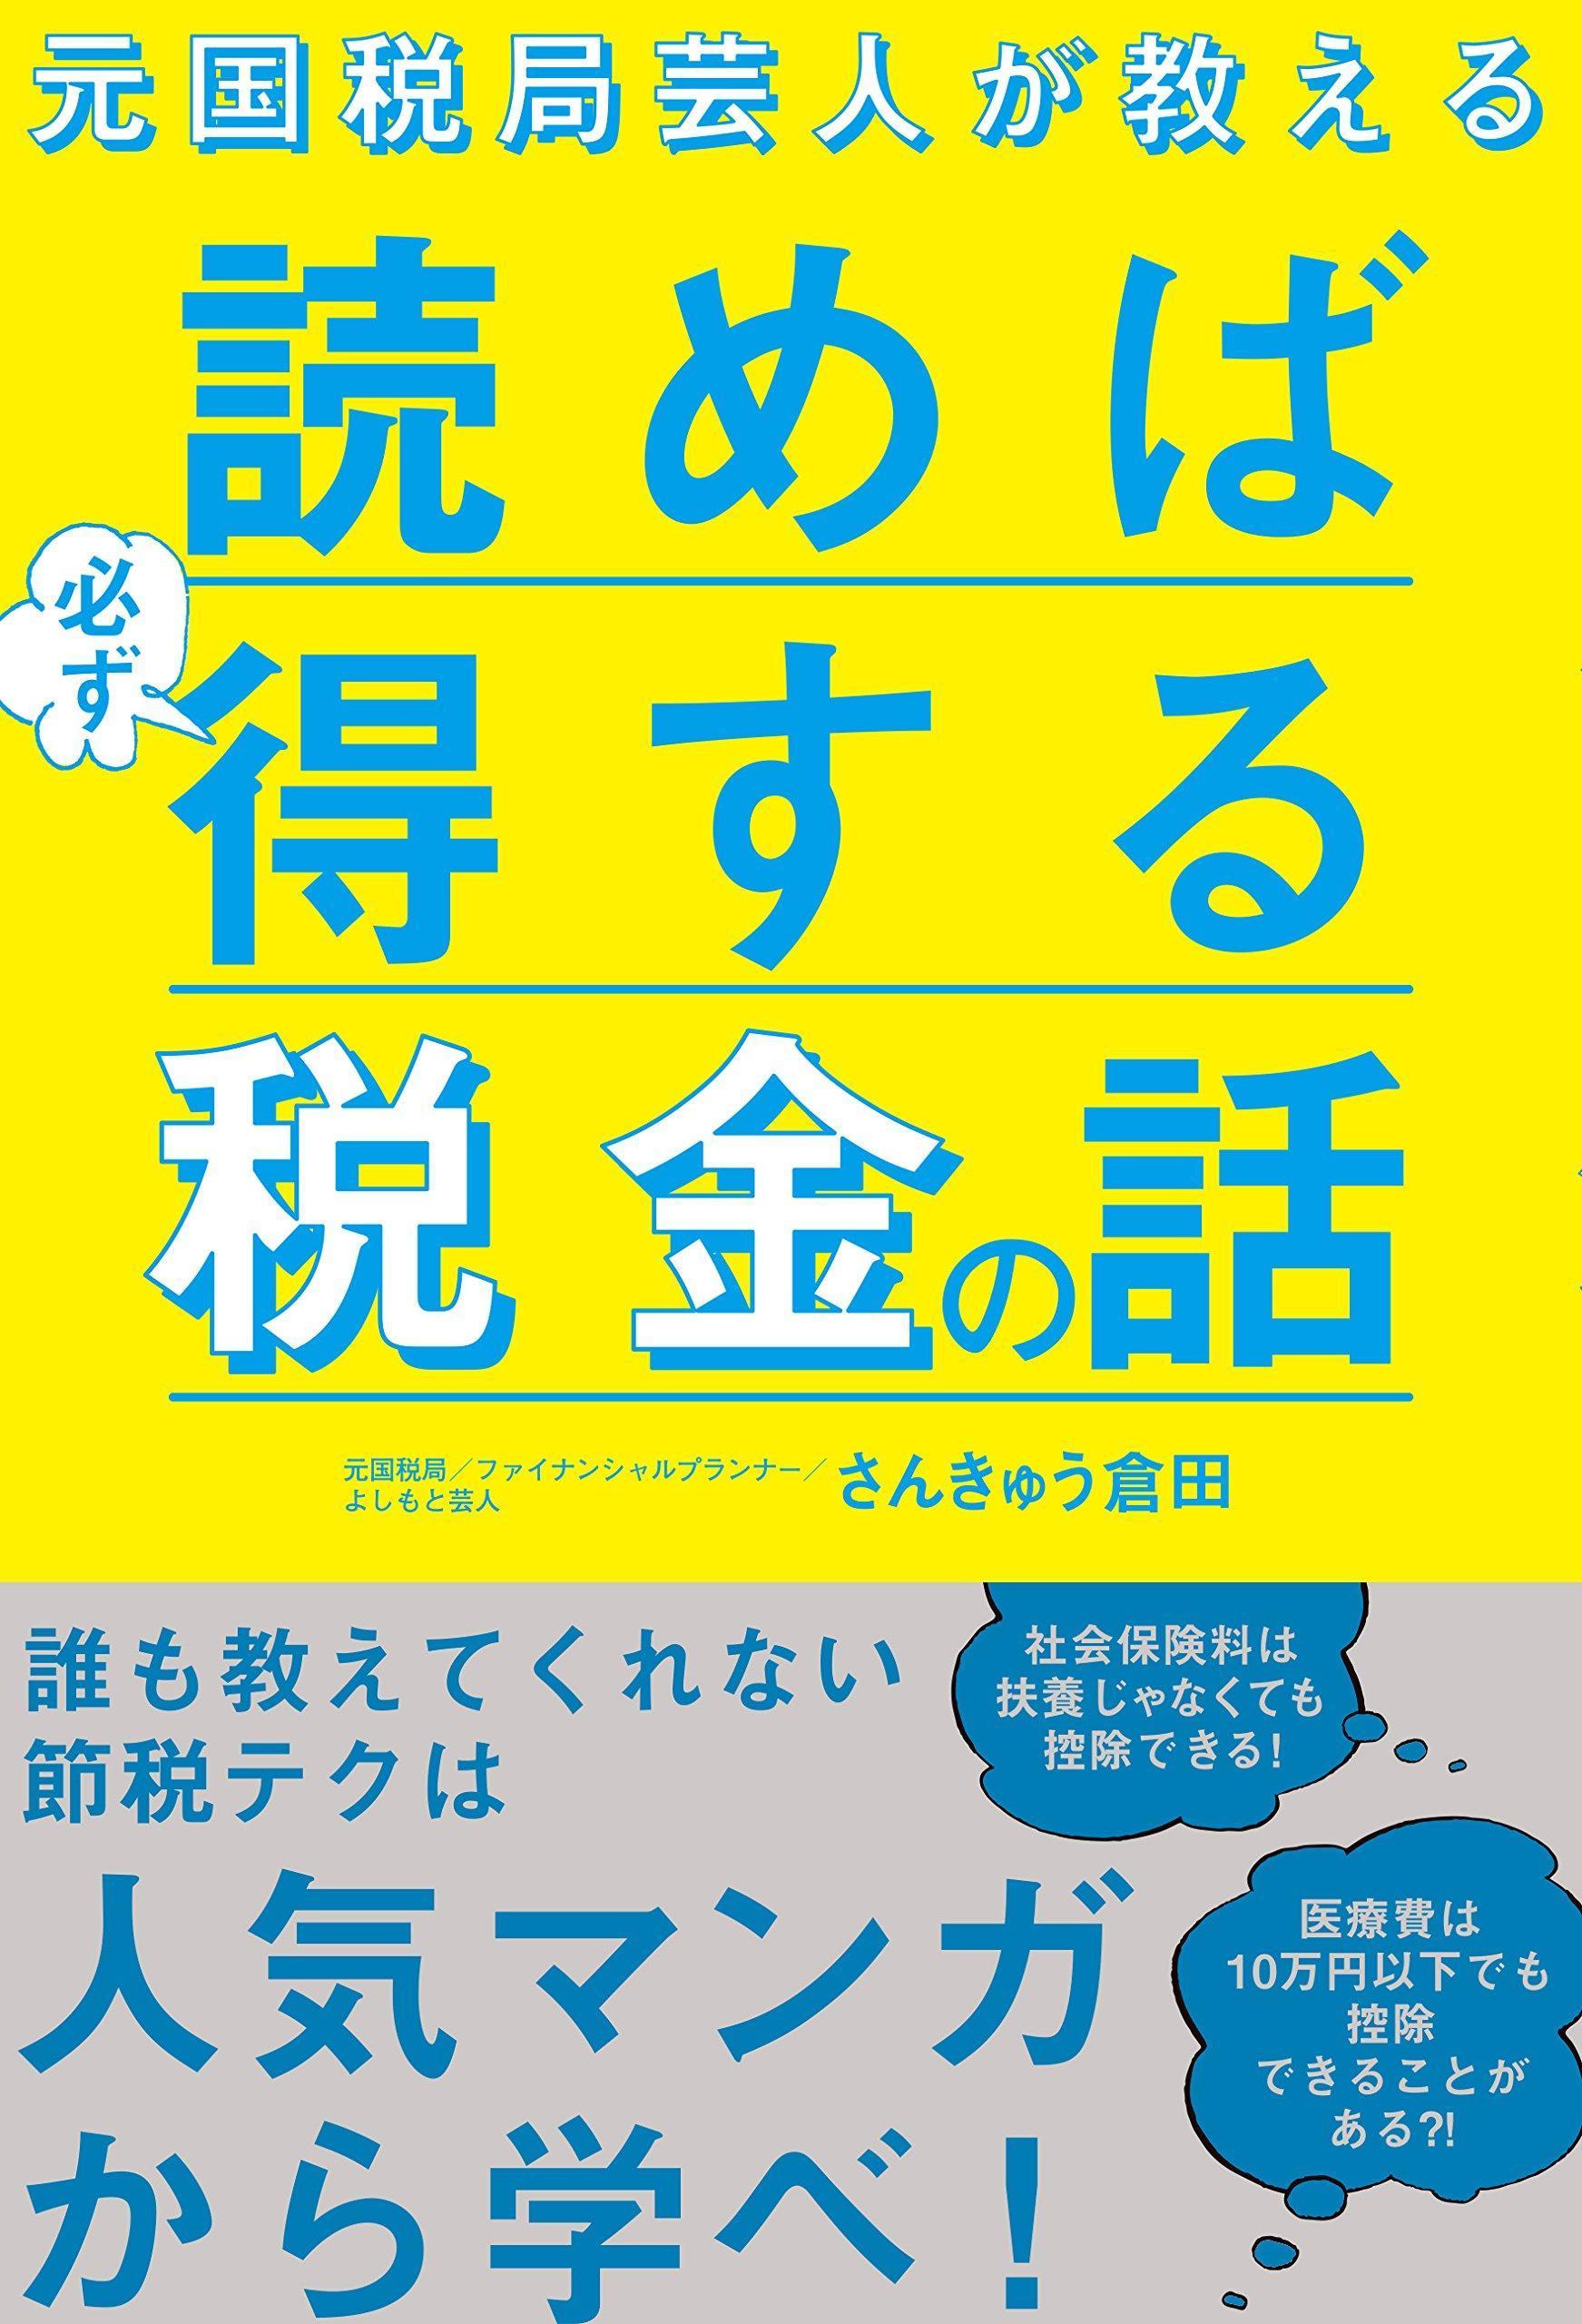 http://news.yoshimoto.co.jp/20171225093452-8fd130a75297ec2eeb9ff2fb6273a60eb5622b3d.jpg